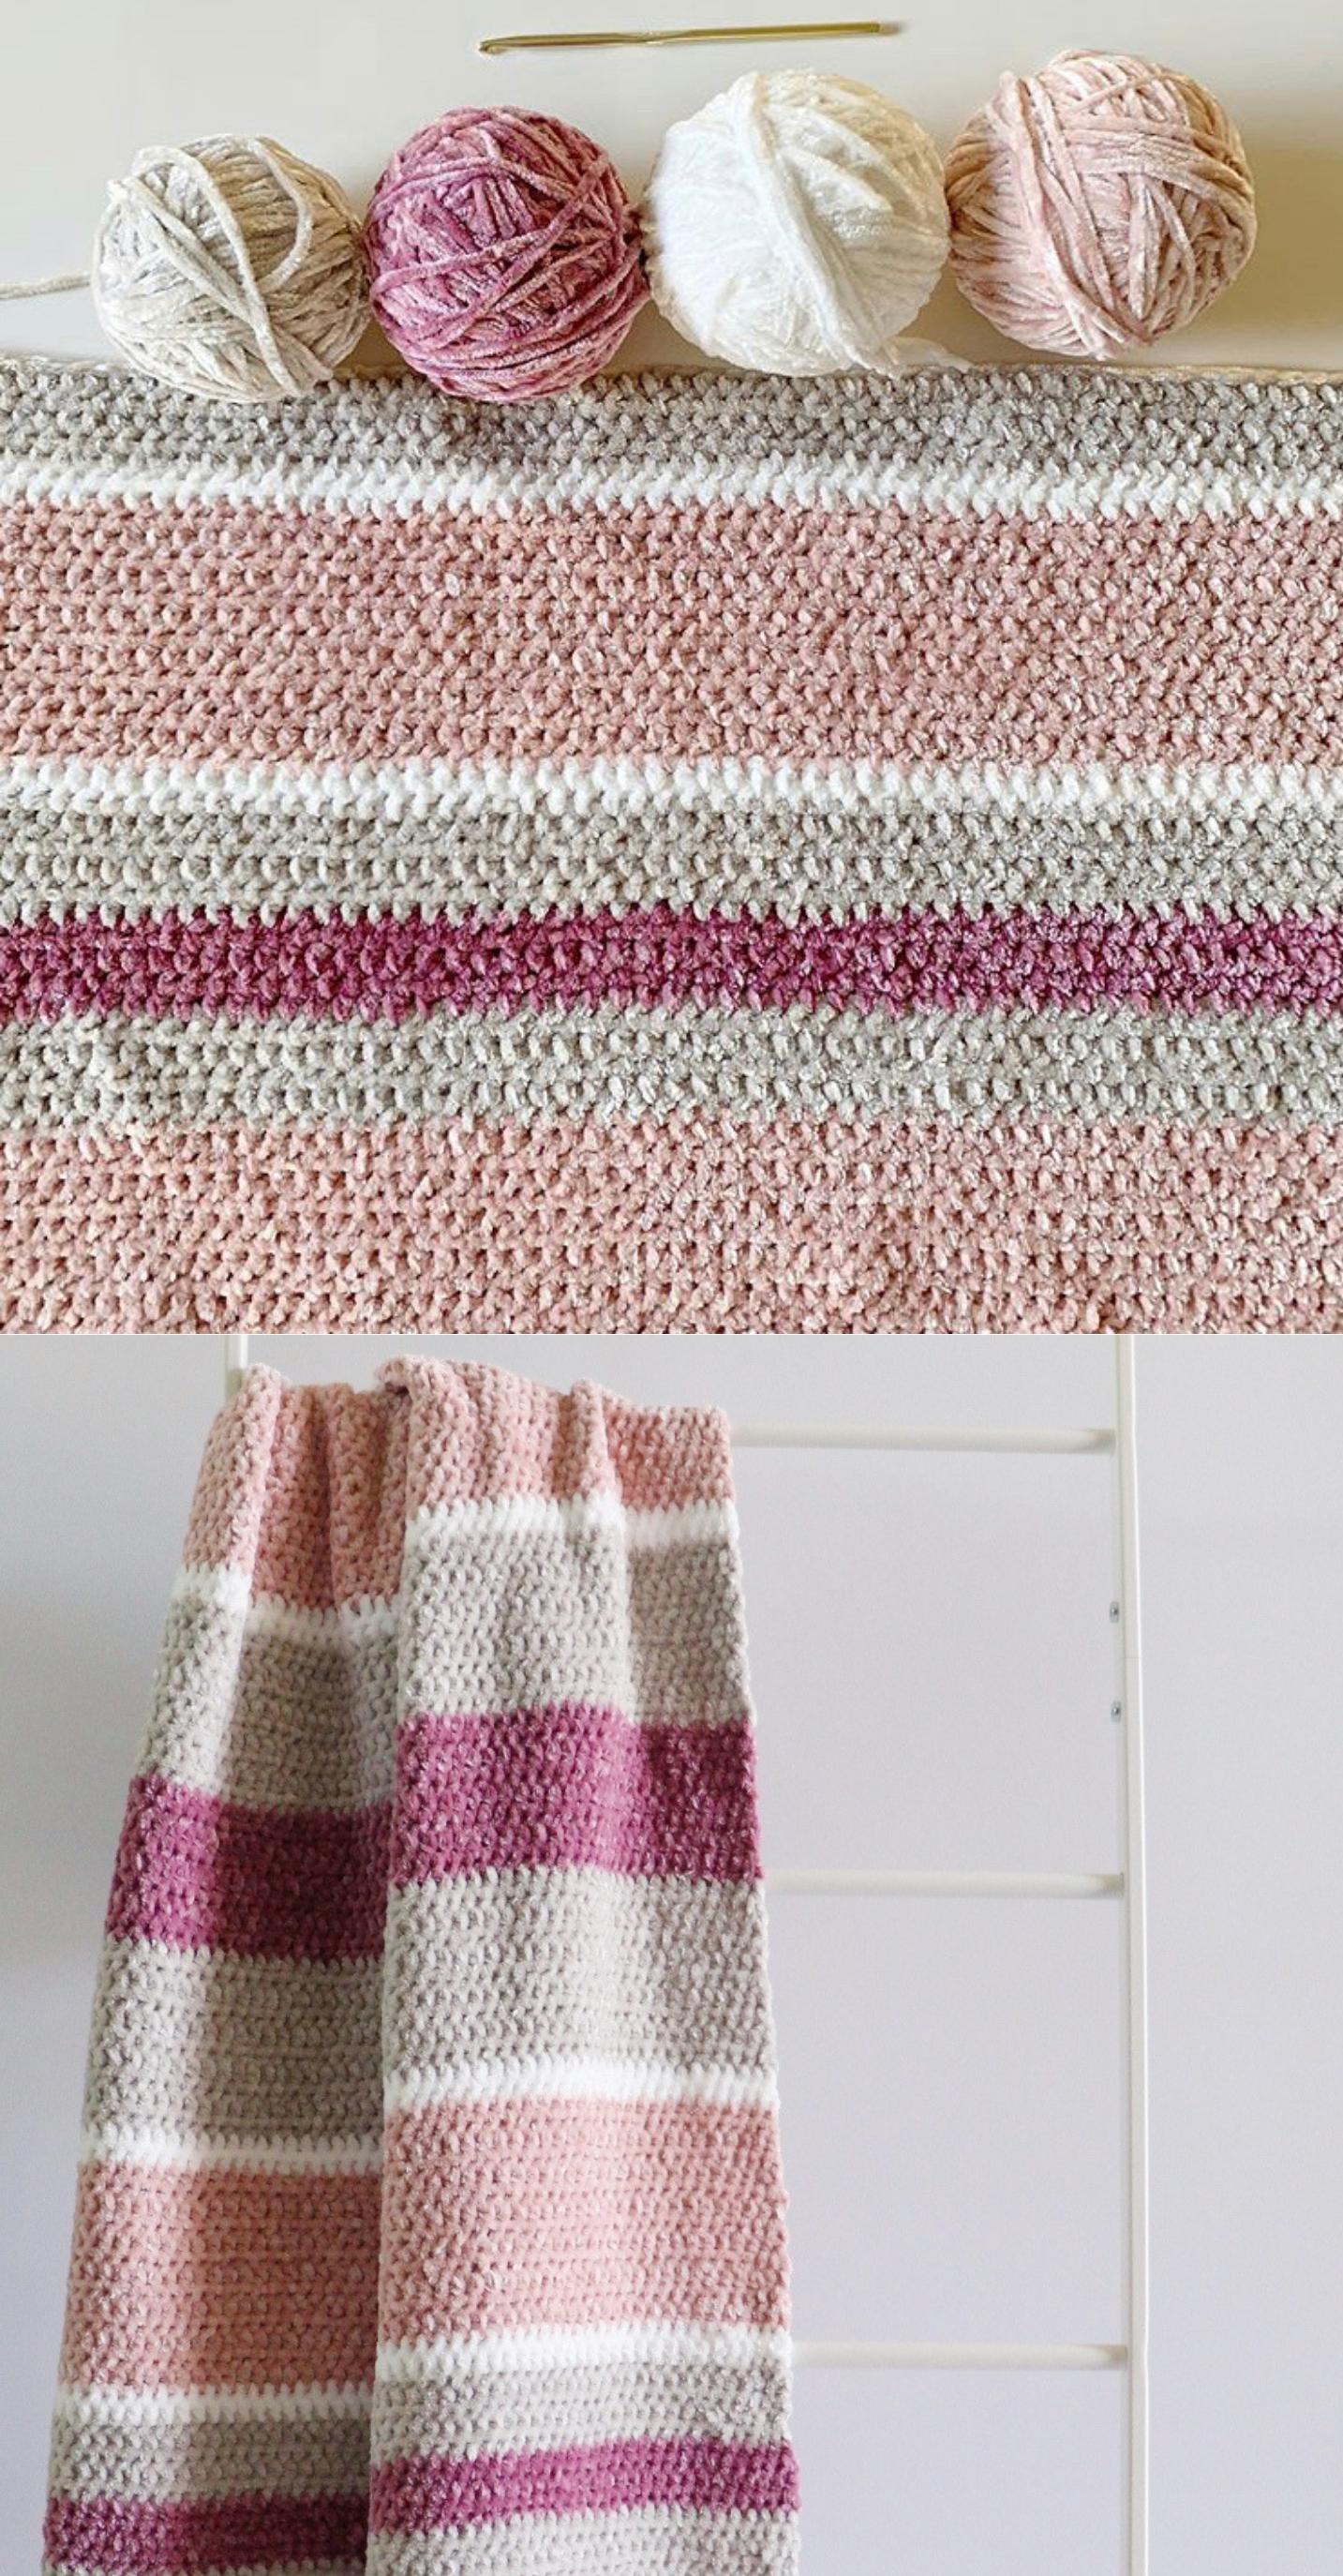 Free Pattern - Crochet Velvet Beginner Blanket